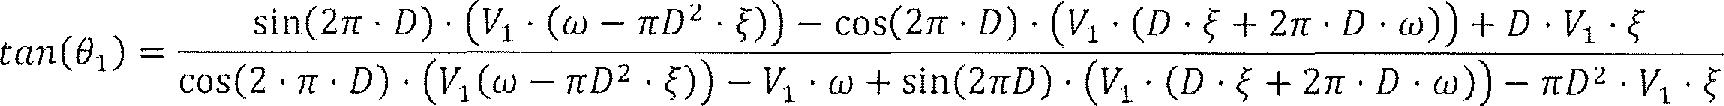 Figure DE102016114941A1_0004